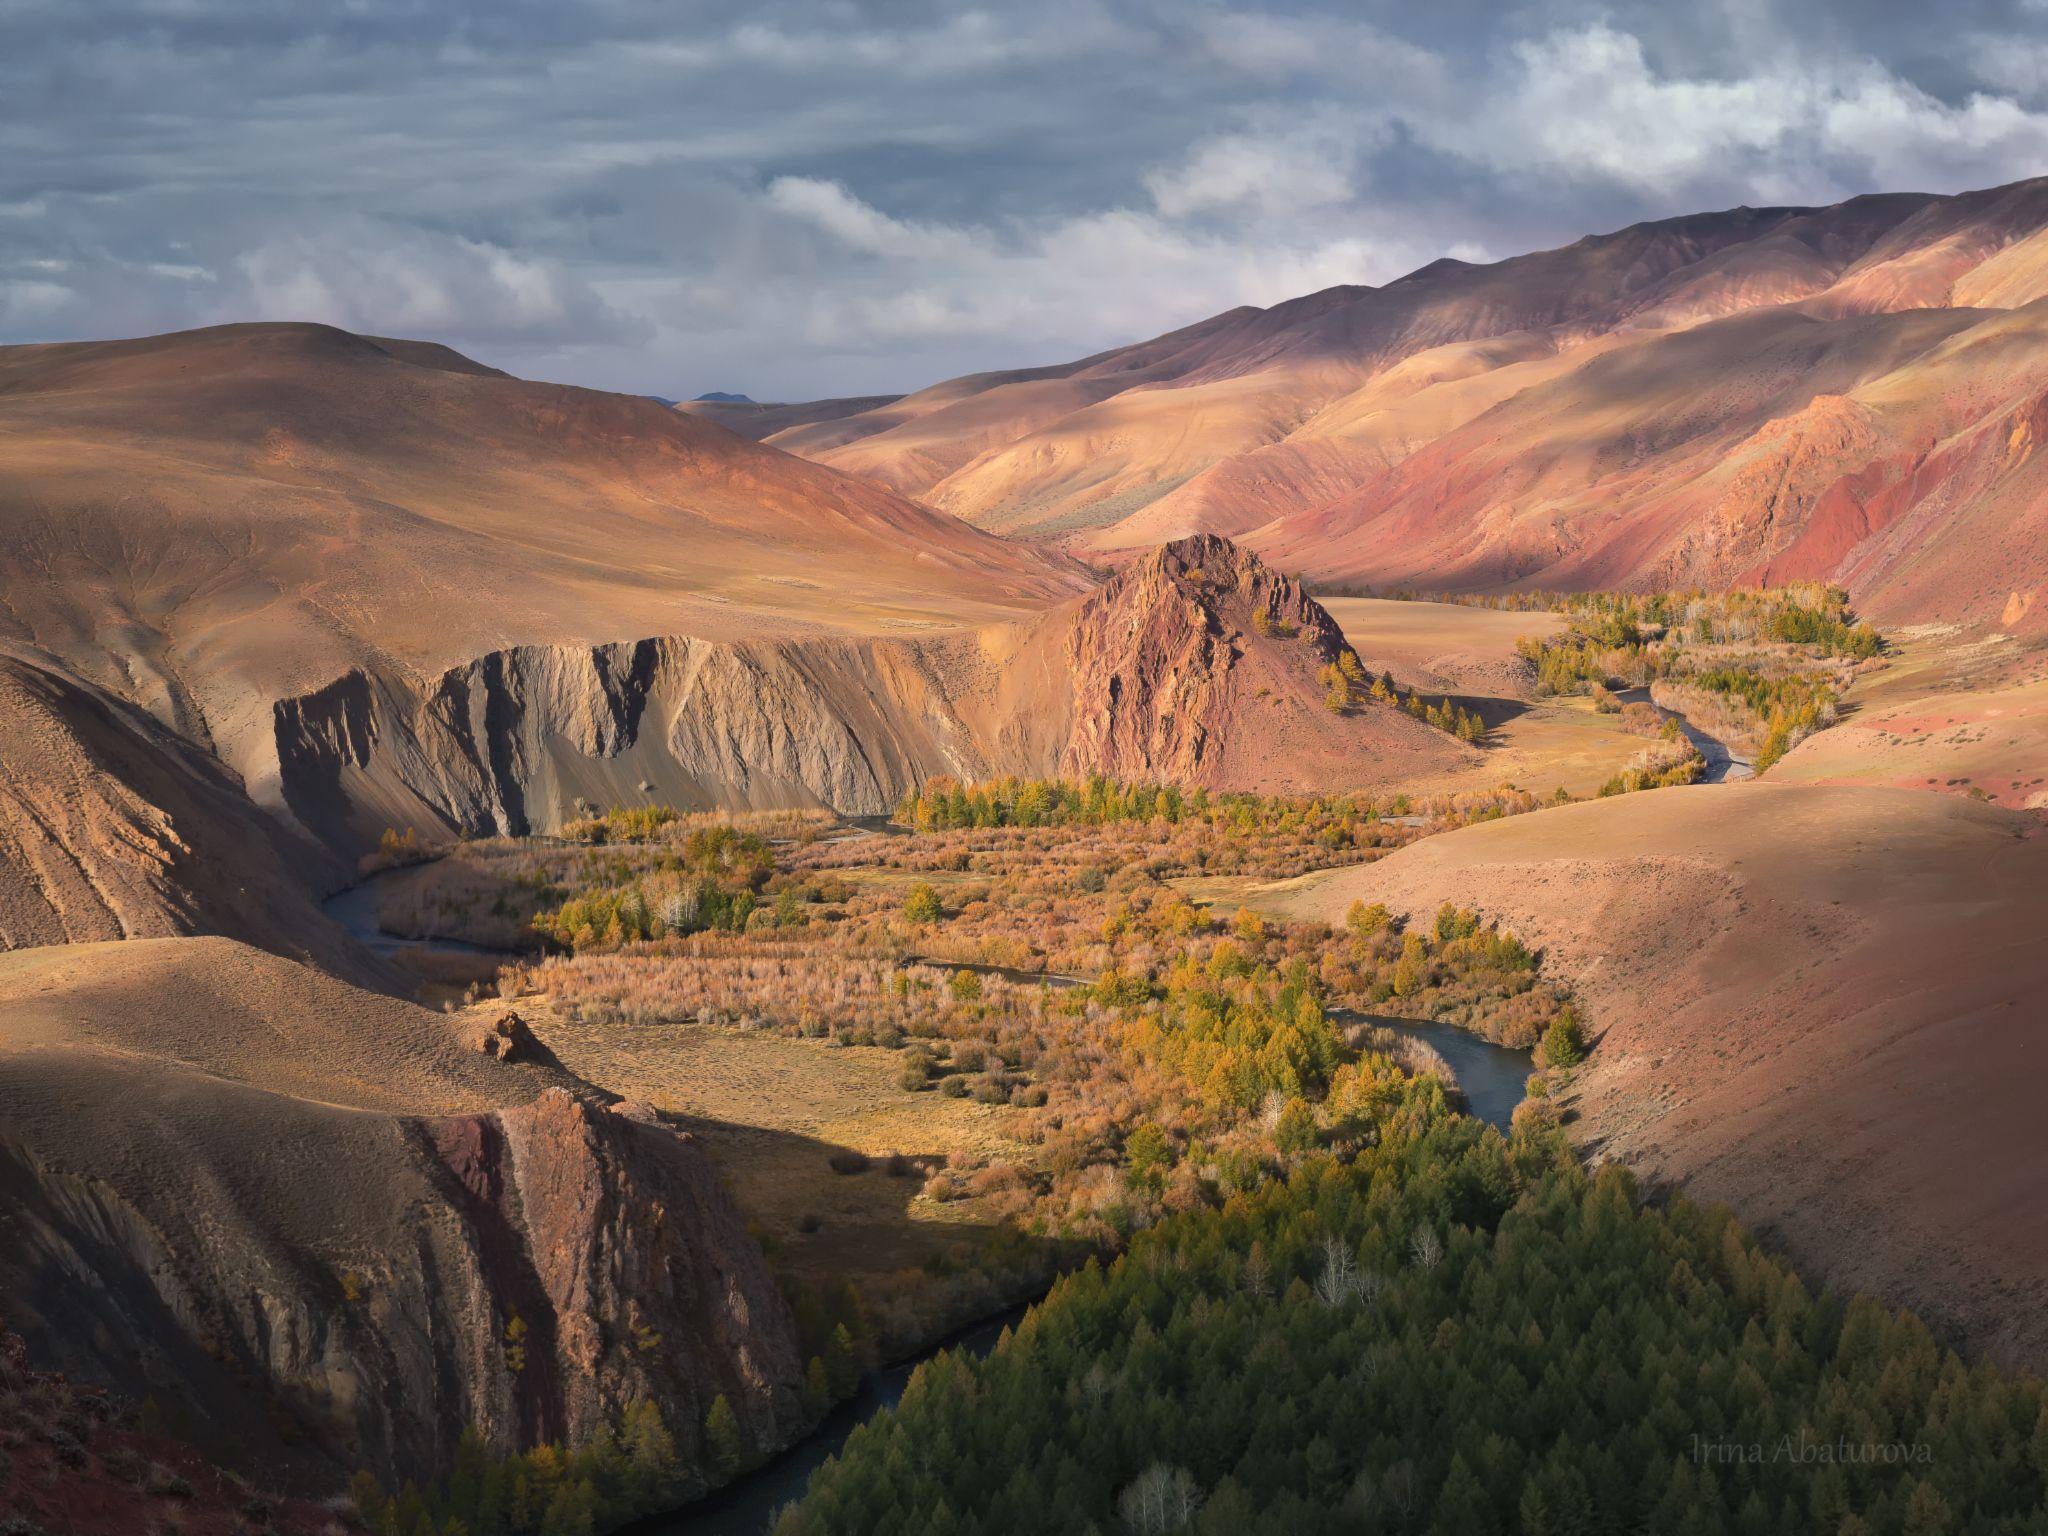 Алтай, золотая осень, река, горы, цветной каньон, Абатурова Ирина